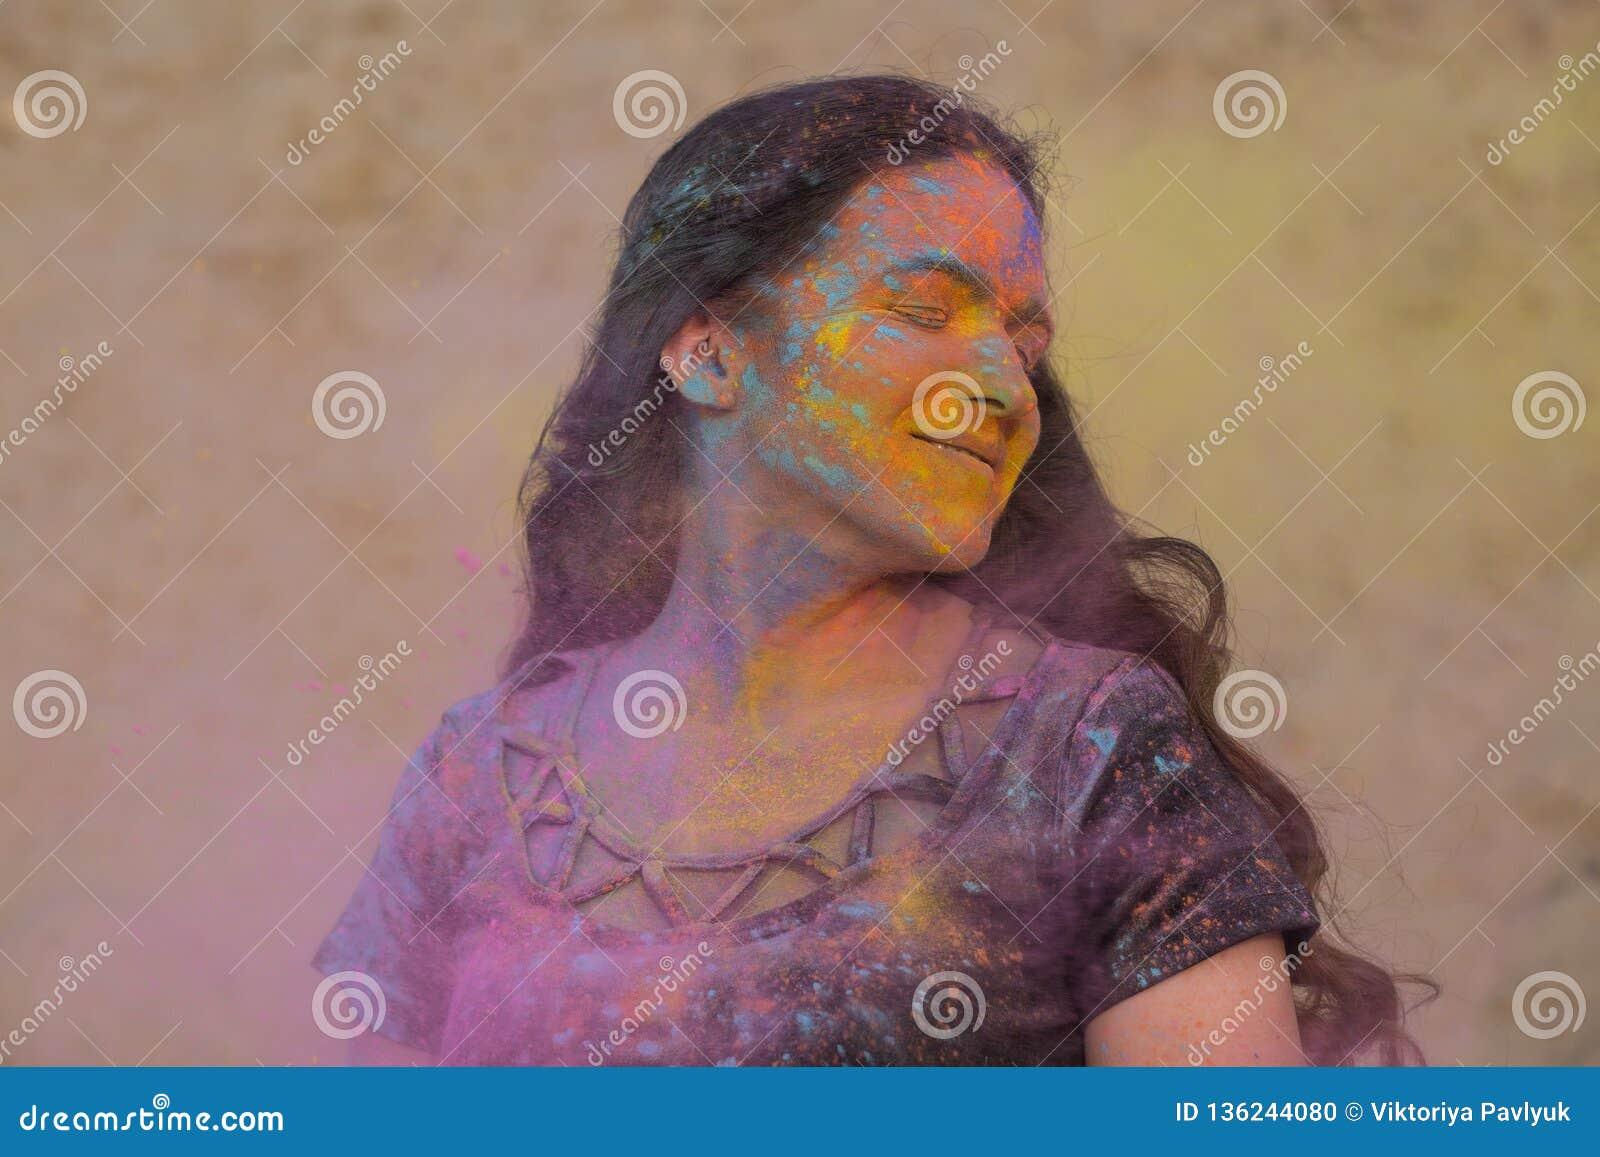 Festival appréciant modèle de Holi de brune heureuse au désert Femme posant avec éclater la peinture sèche